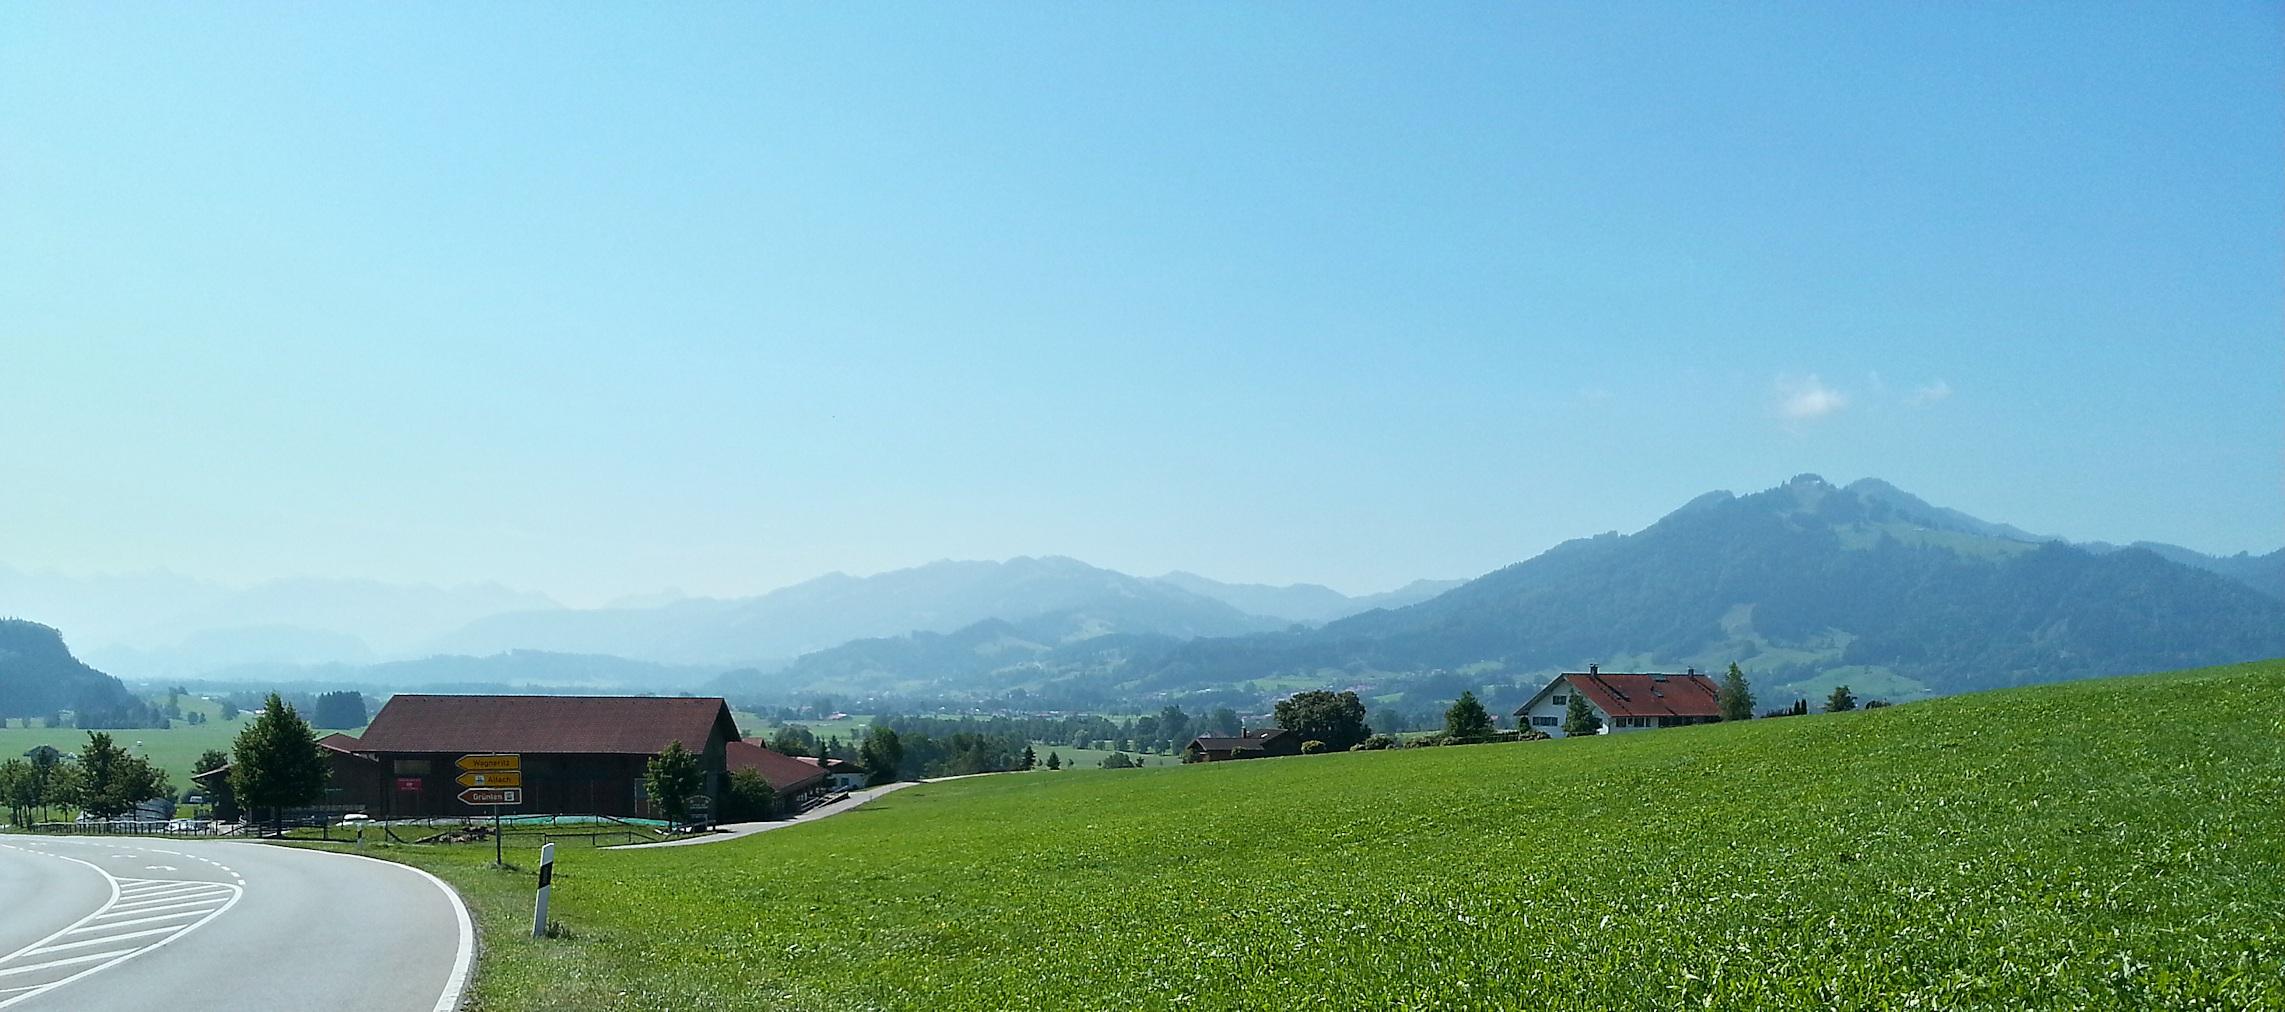 Berpanorama bei Freidorf